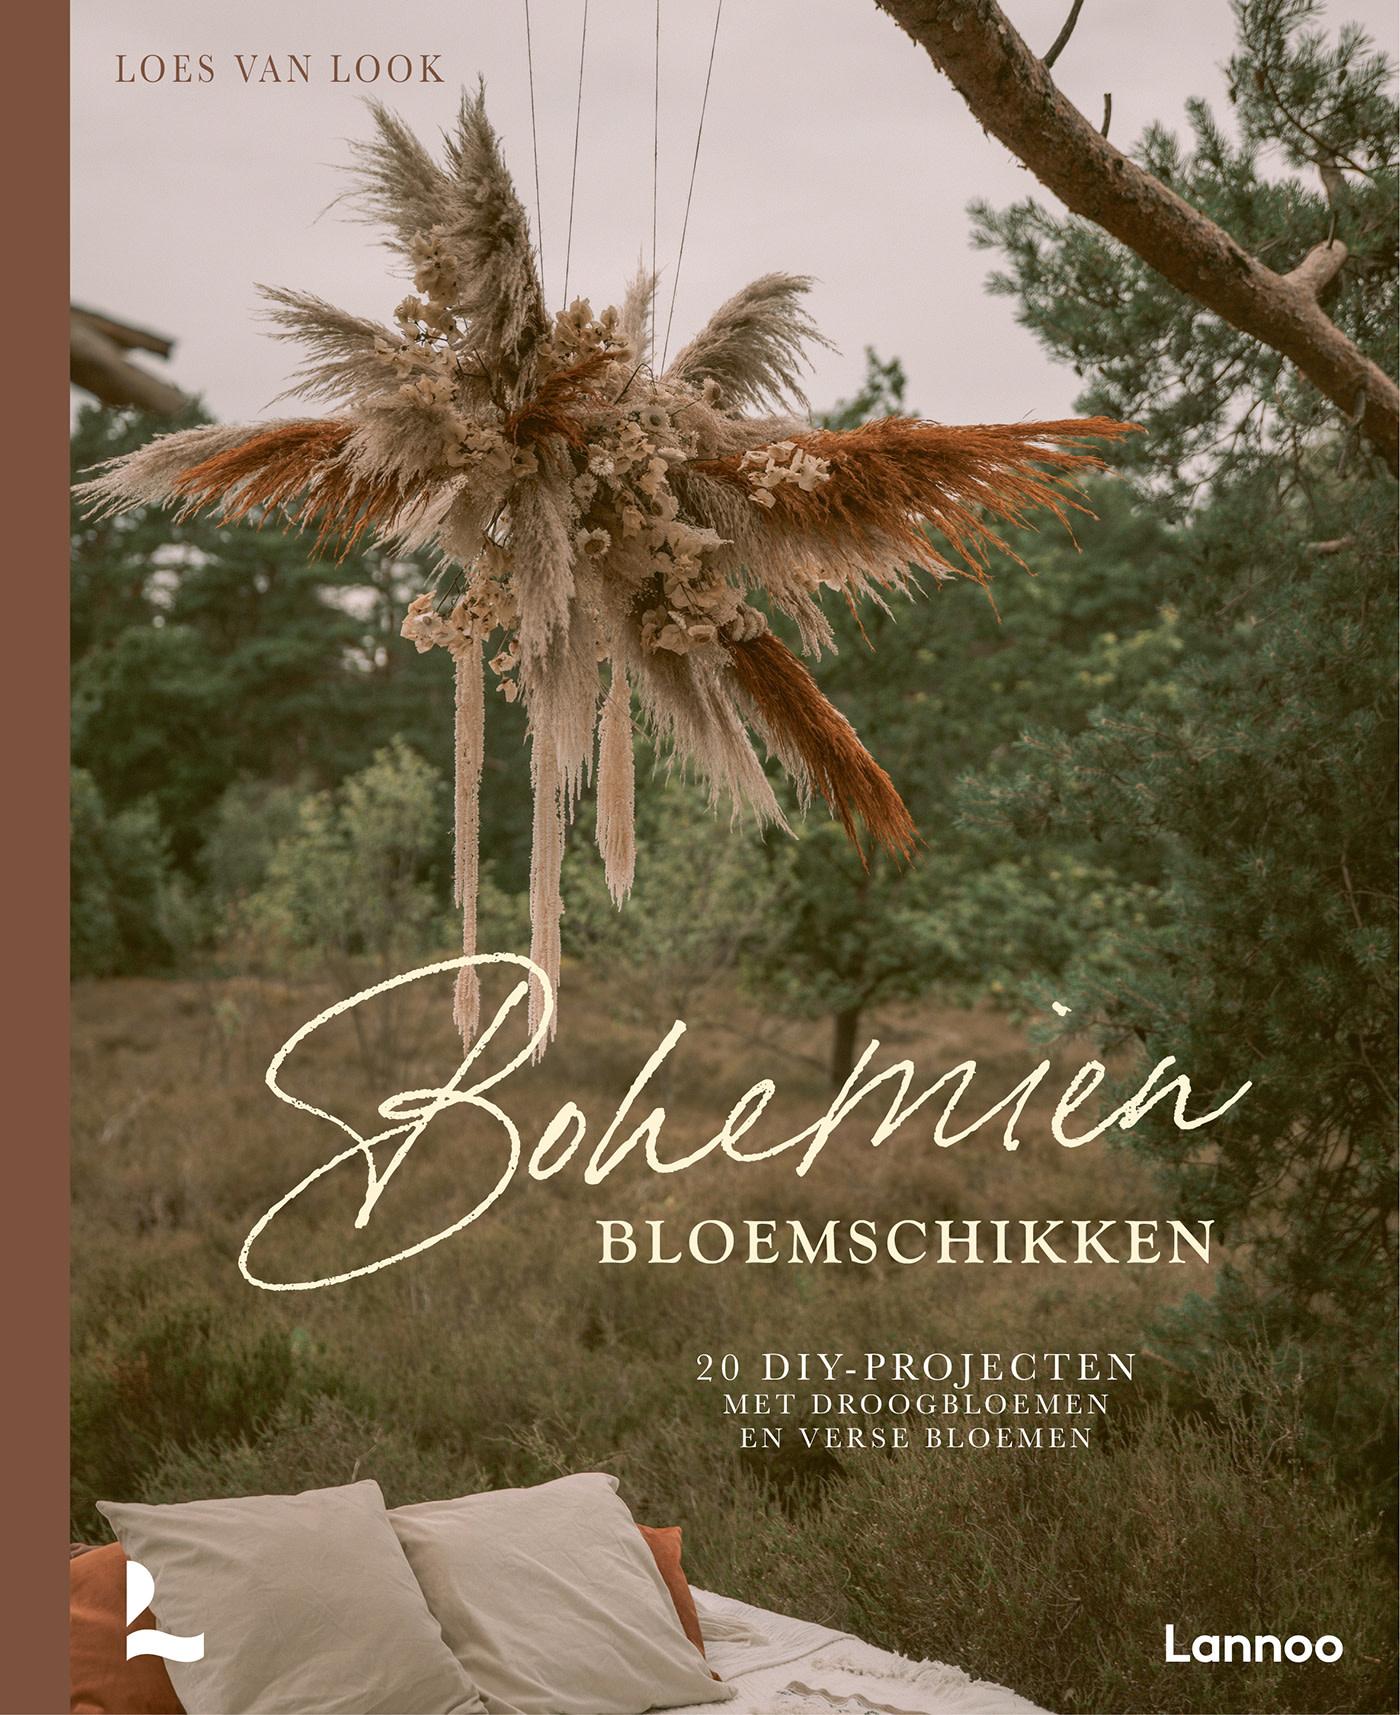 Lannoo Uitgeverij Bohemien bloemschikken